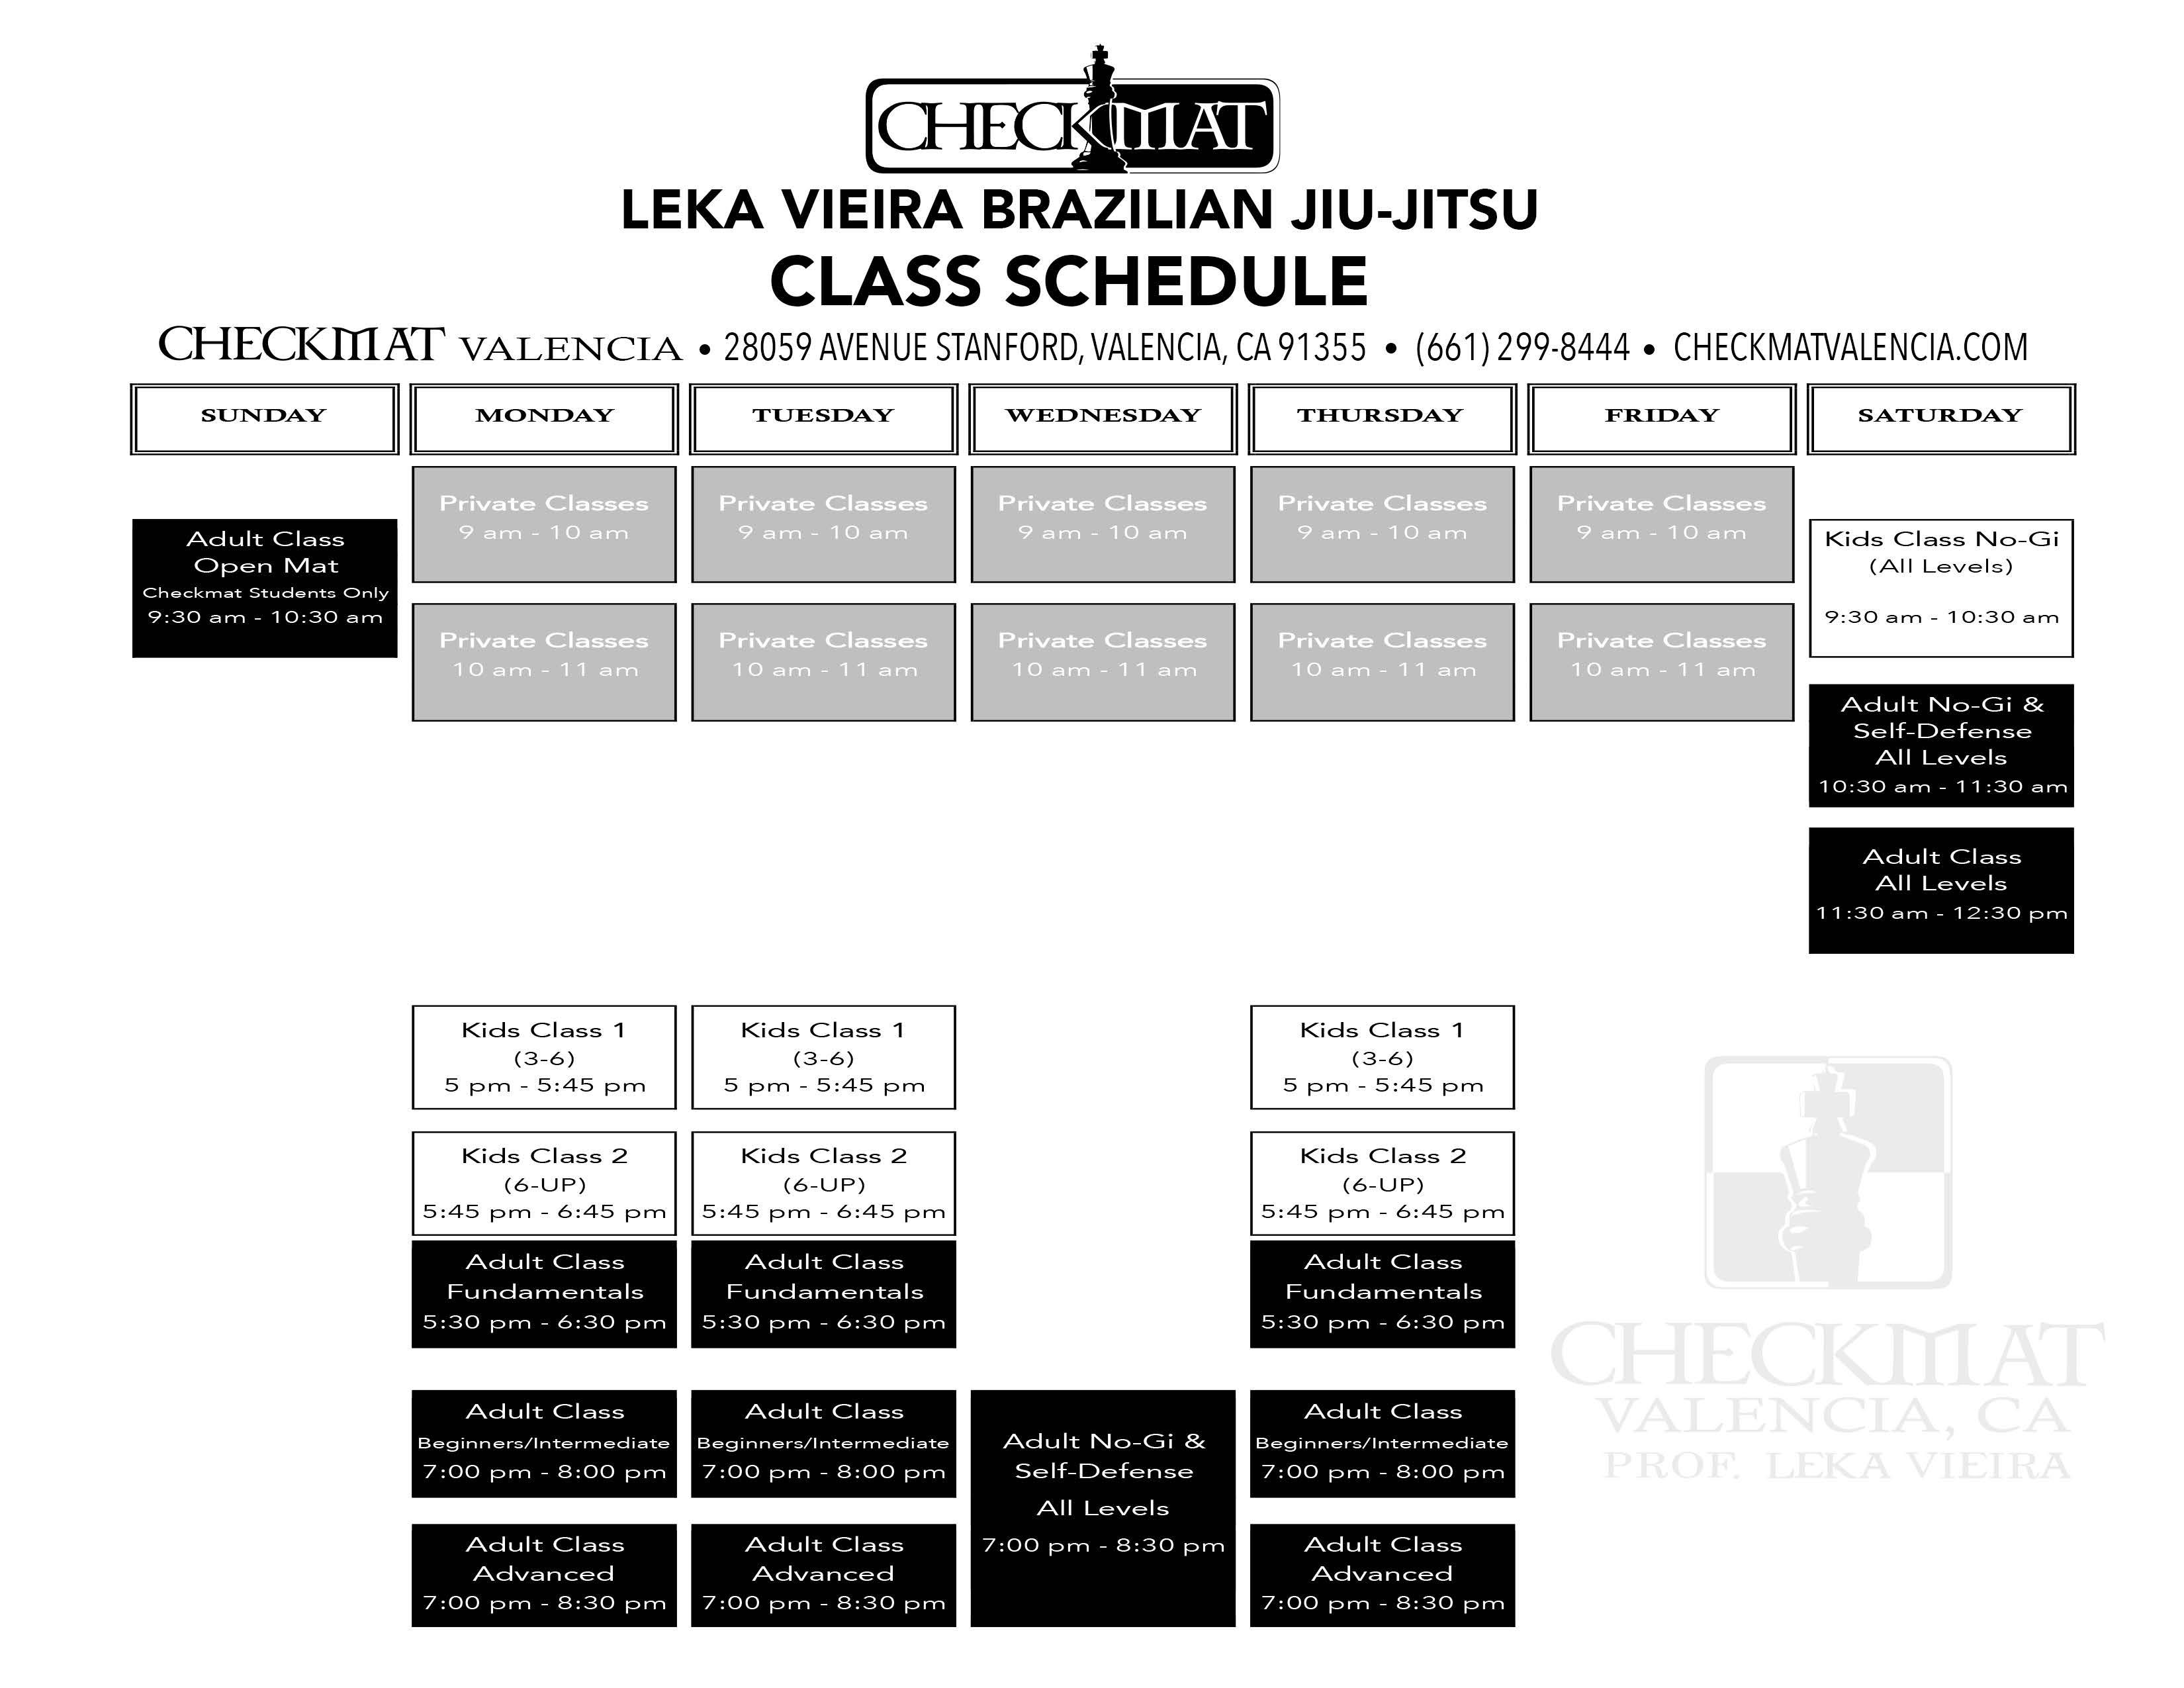 Checkmat Valencia Schedule